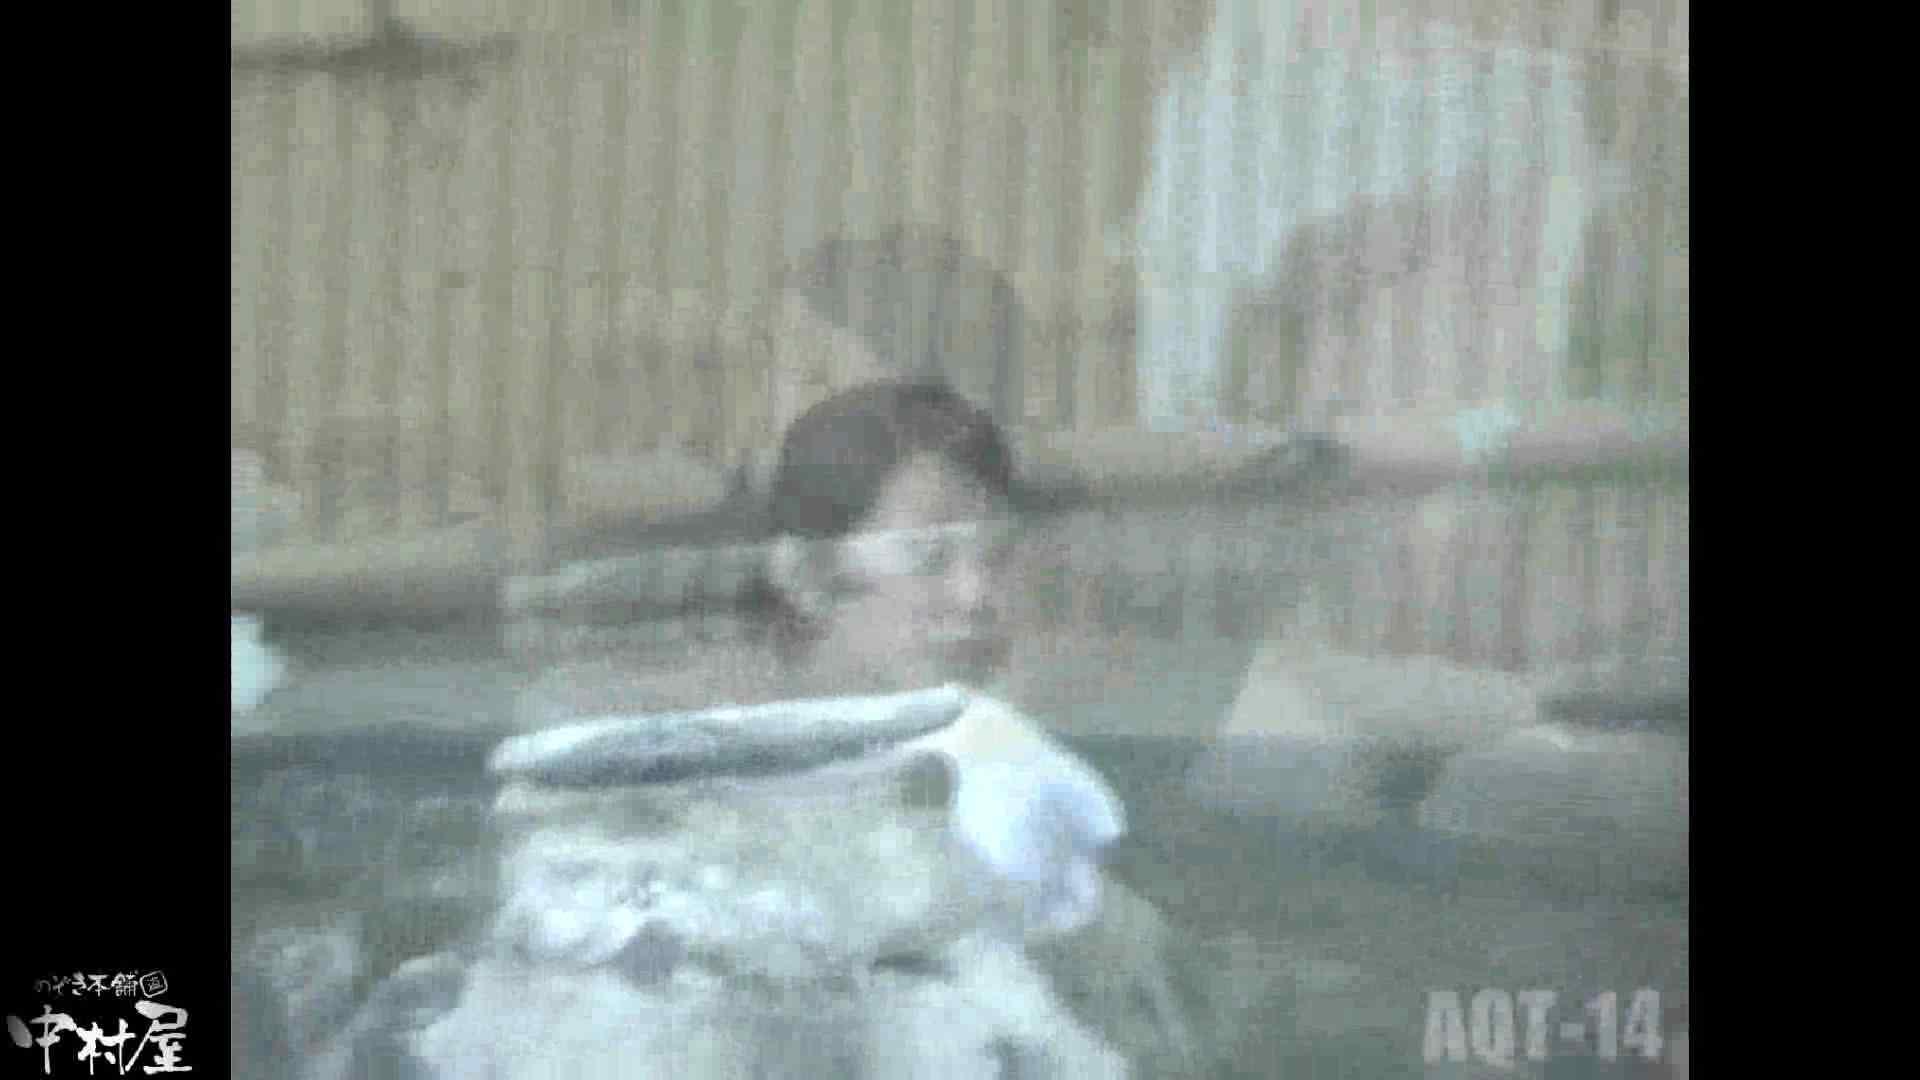 Aquaな露天風呂Vol.878潜入盗撮露天風呂十四判湯 其の一 露天 | 盗撮  78pic 21